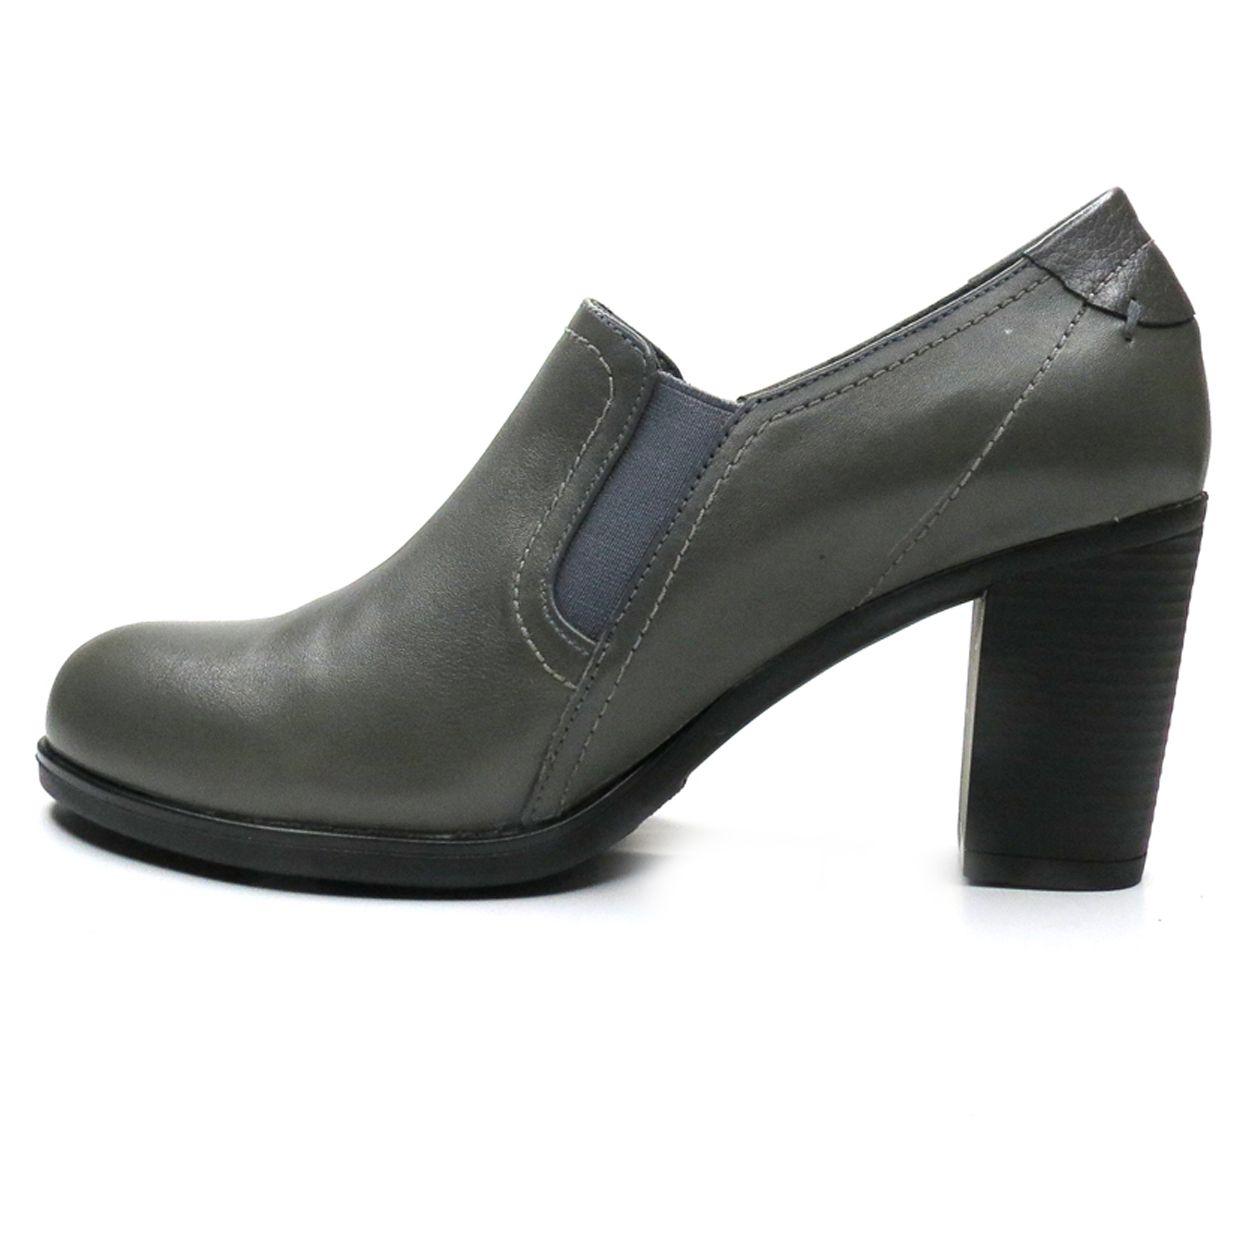 کفش زنانه آر اند دبلیو مدل 487 رنگ طوسی -  - 3